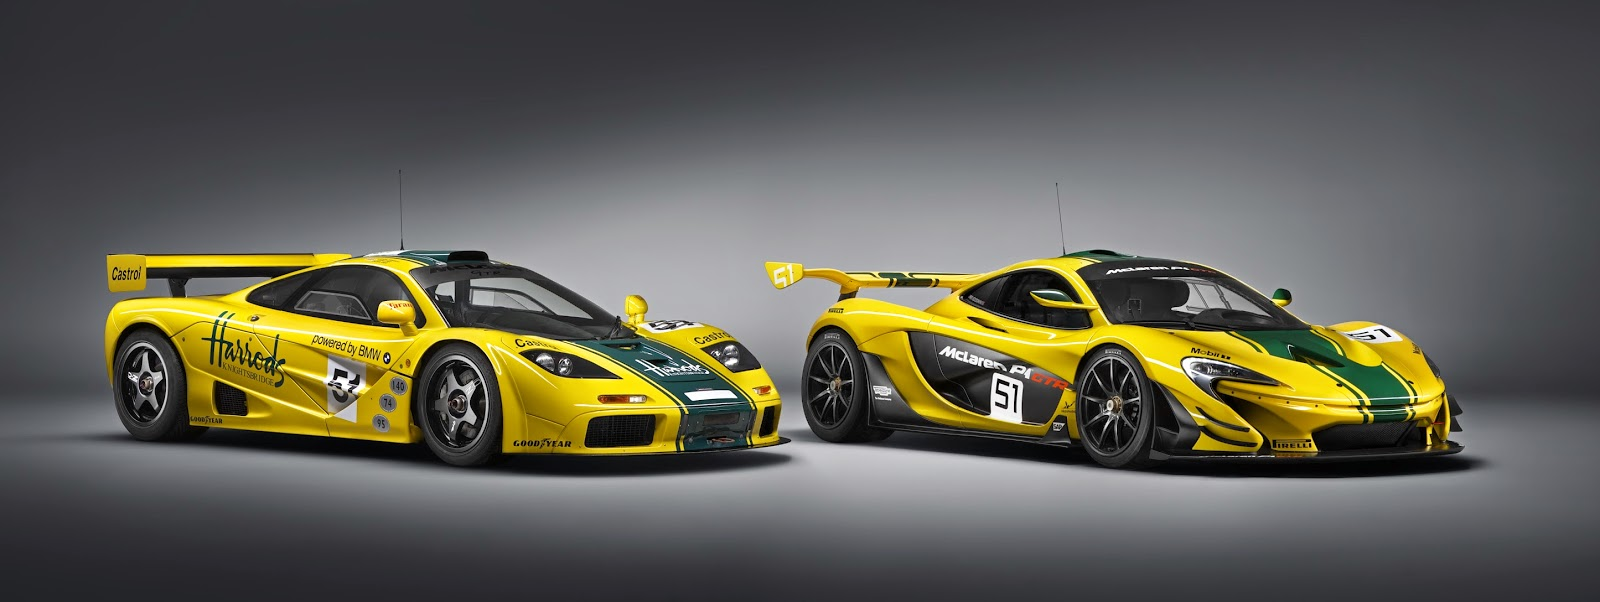 McLaren2BP12BGTR2Bmeets2Bthe2Biconic2BMcLaren2BF12BGTR Η McLaren P1 GTR των 1000 ίππων συναντά τον θρύλο McLaren F1 GTR στην πίστα mclaren, mclaren f1, mclaren f1 gtr, videos